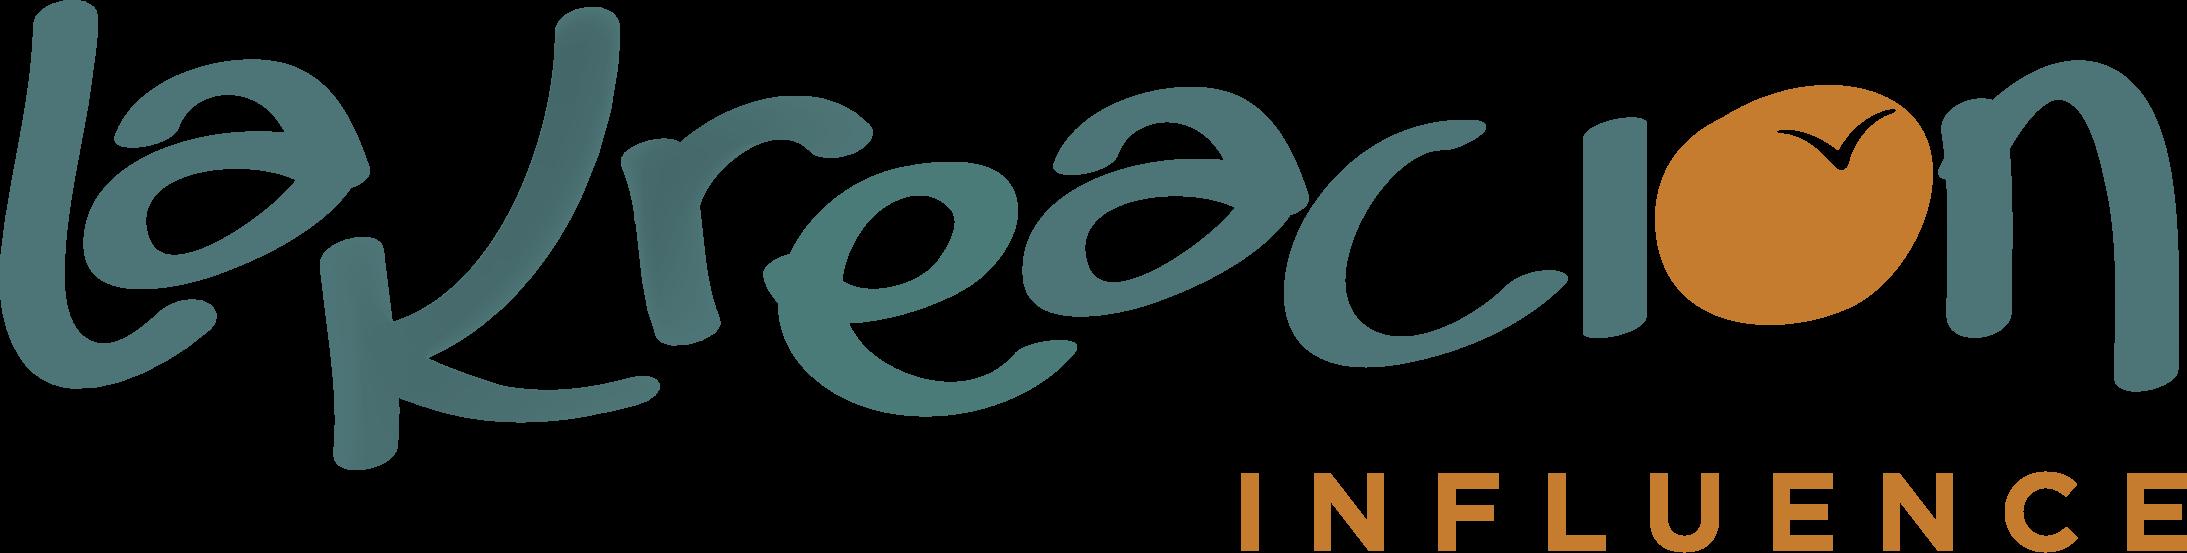 Logotipo de Lakreación Influence